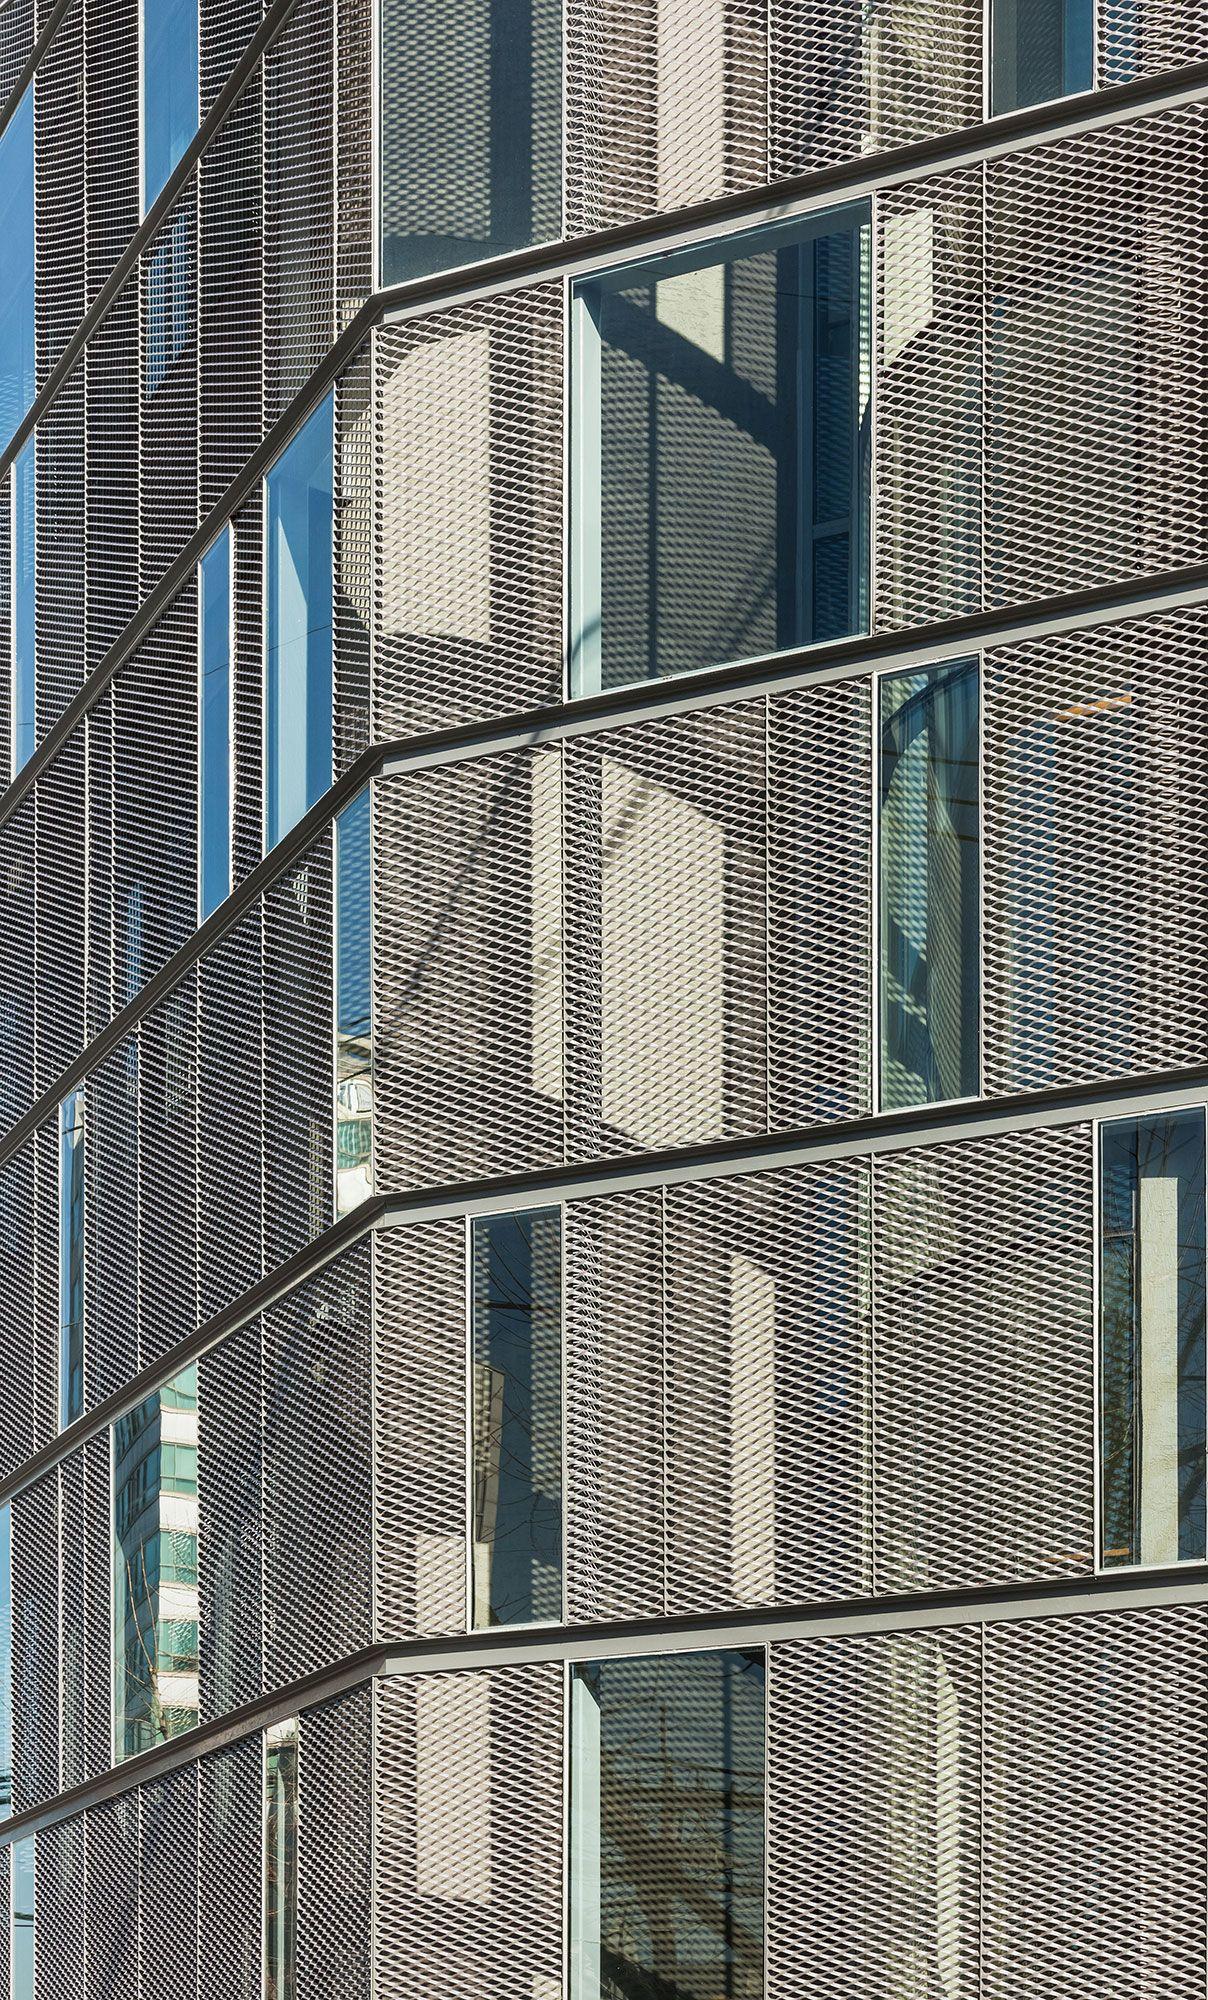 office facades. Dogok Office Facades E